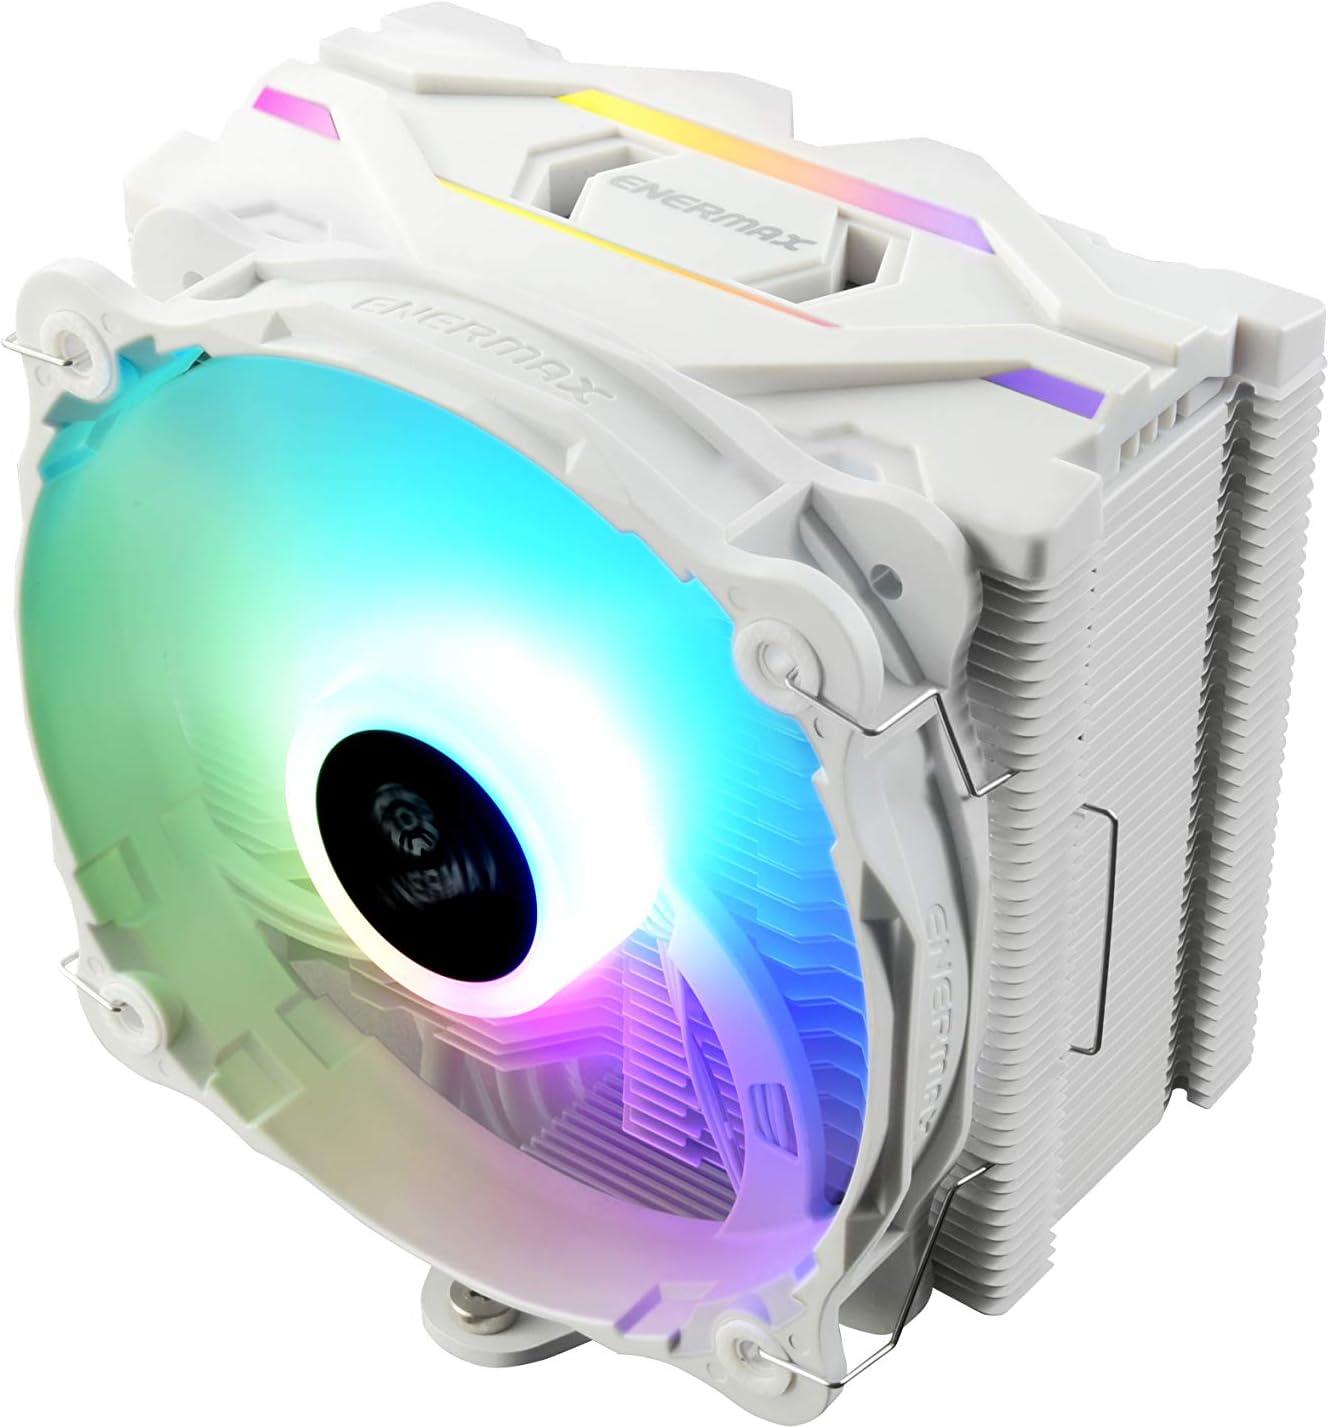 ENERMAX - Refrigerador de Aire RGB para procesador Intel/AMD Ryzen, Ventilador silencioso de 14 cm RGB corredible, Color Blanco